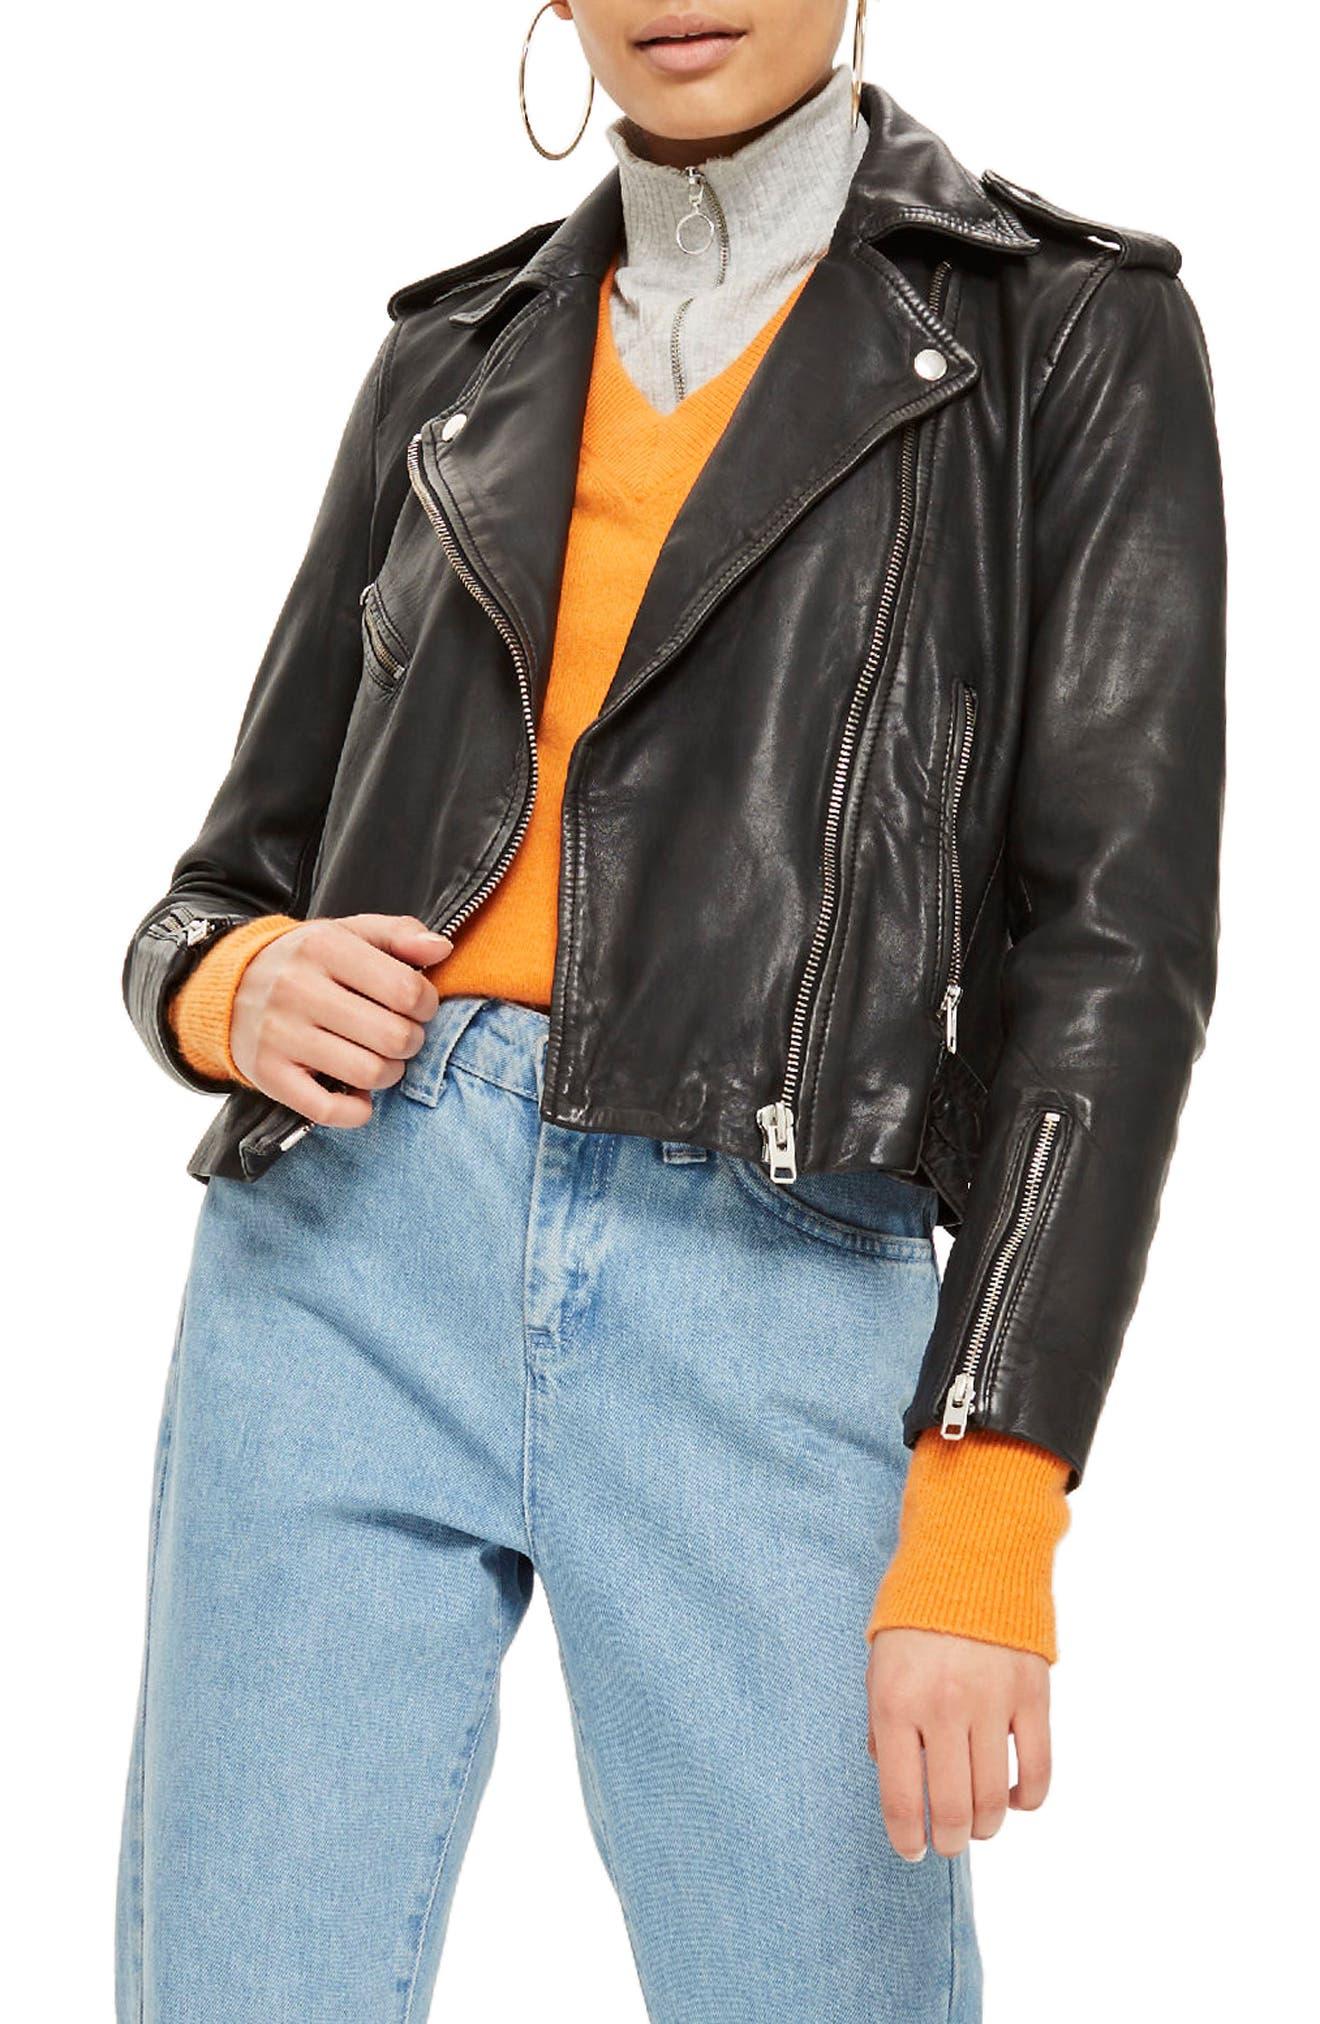 Strike Leather Biker Jacket,                         Main,                         color, Black